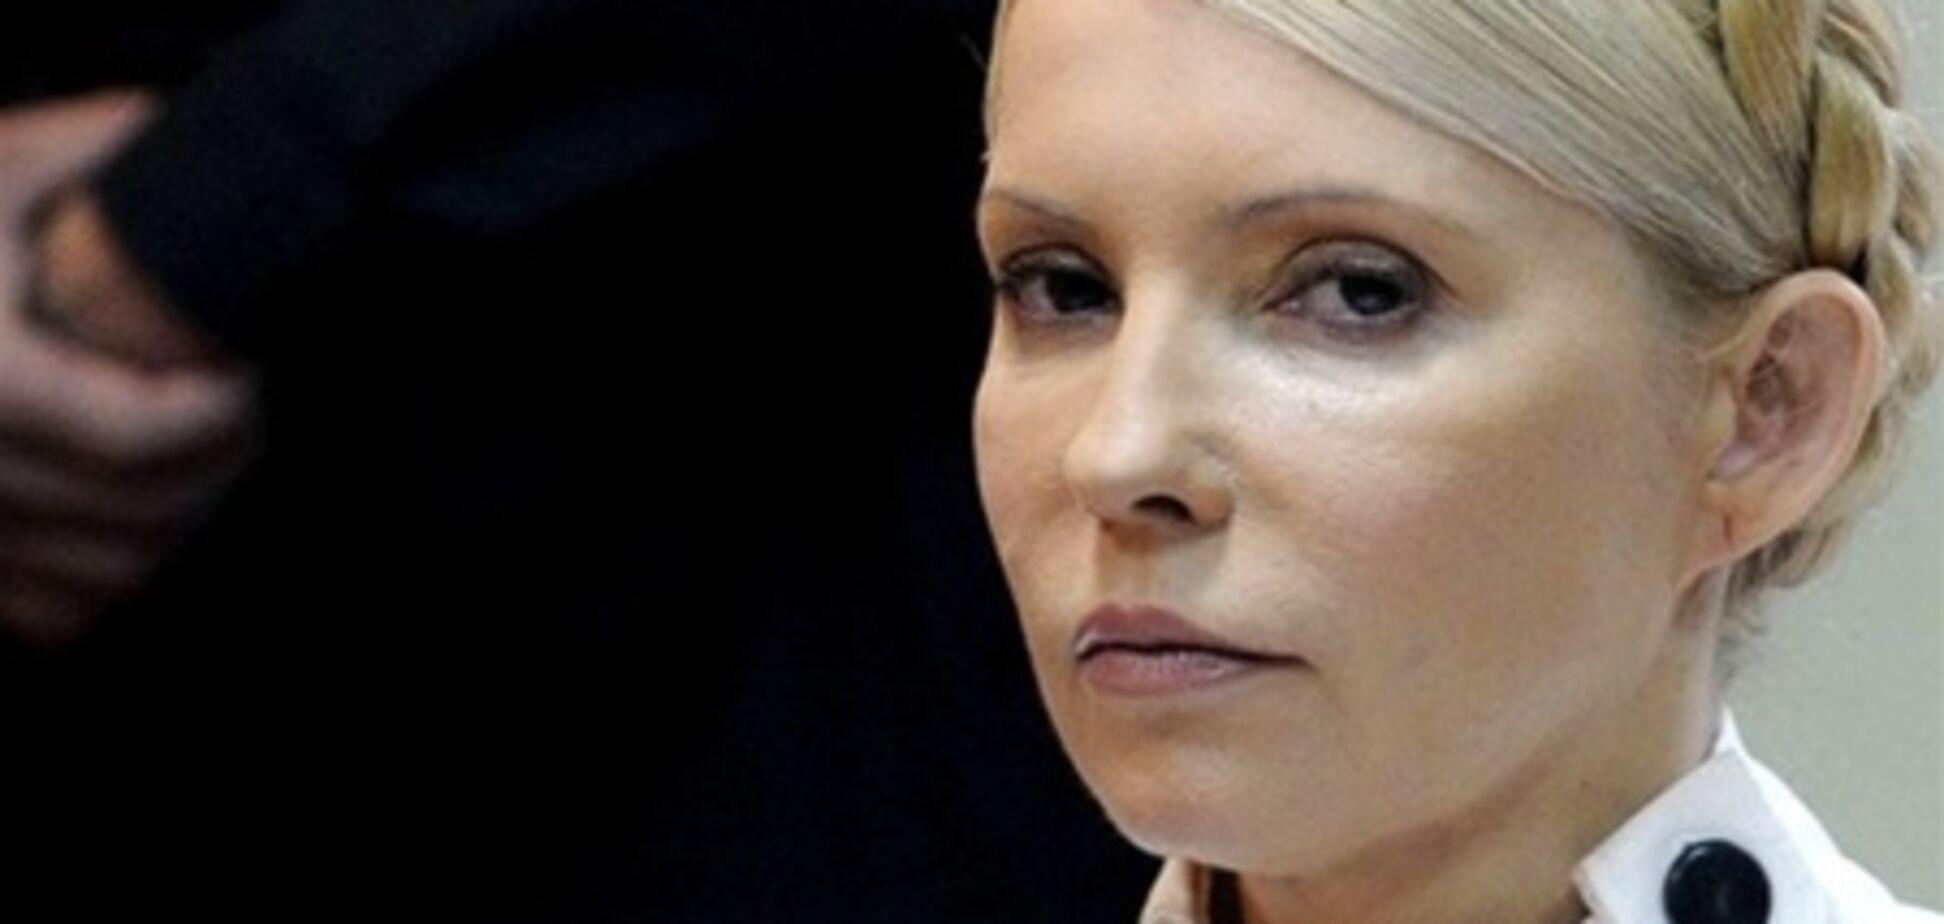 БЮТ просить розглянути в четвер декриміналізацію' статті Тимошенко '